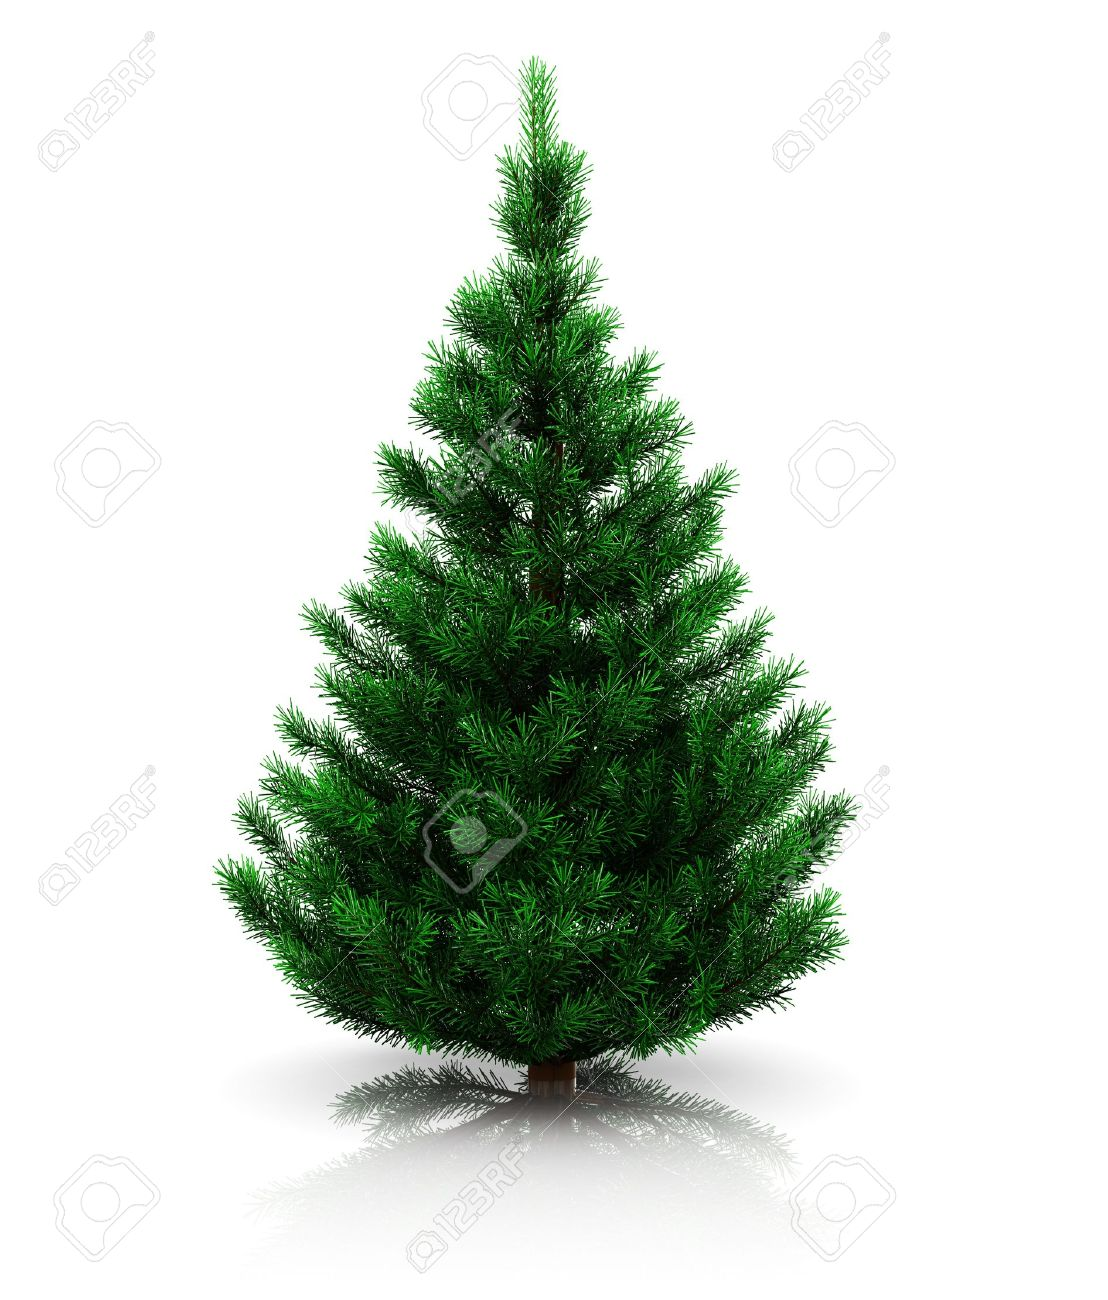 3d Ilustracin De rbol De Navidad Sin Decoracin Sobre Fondo Blanco